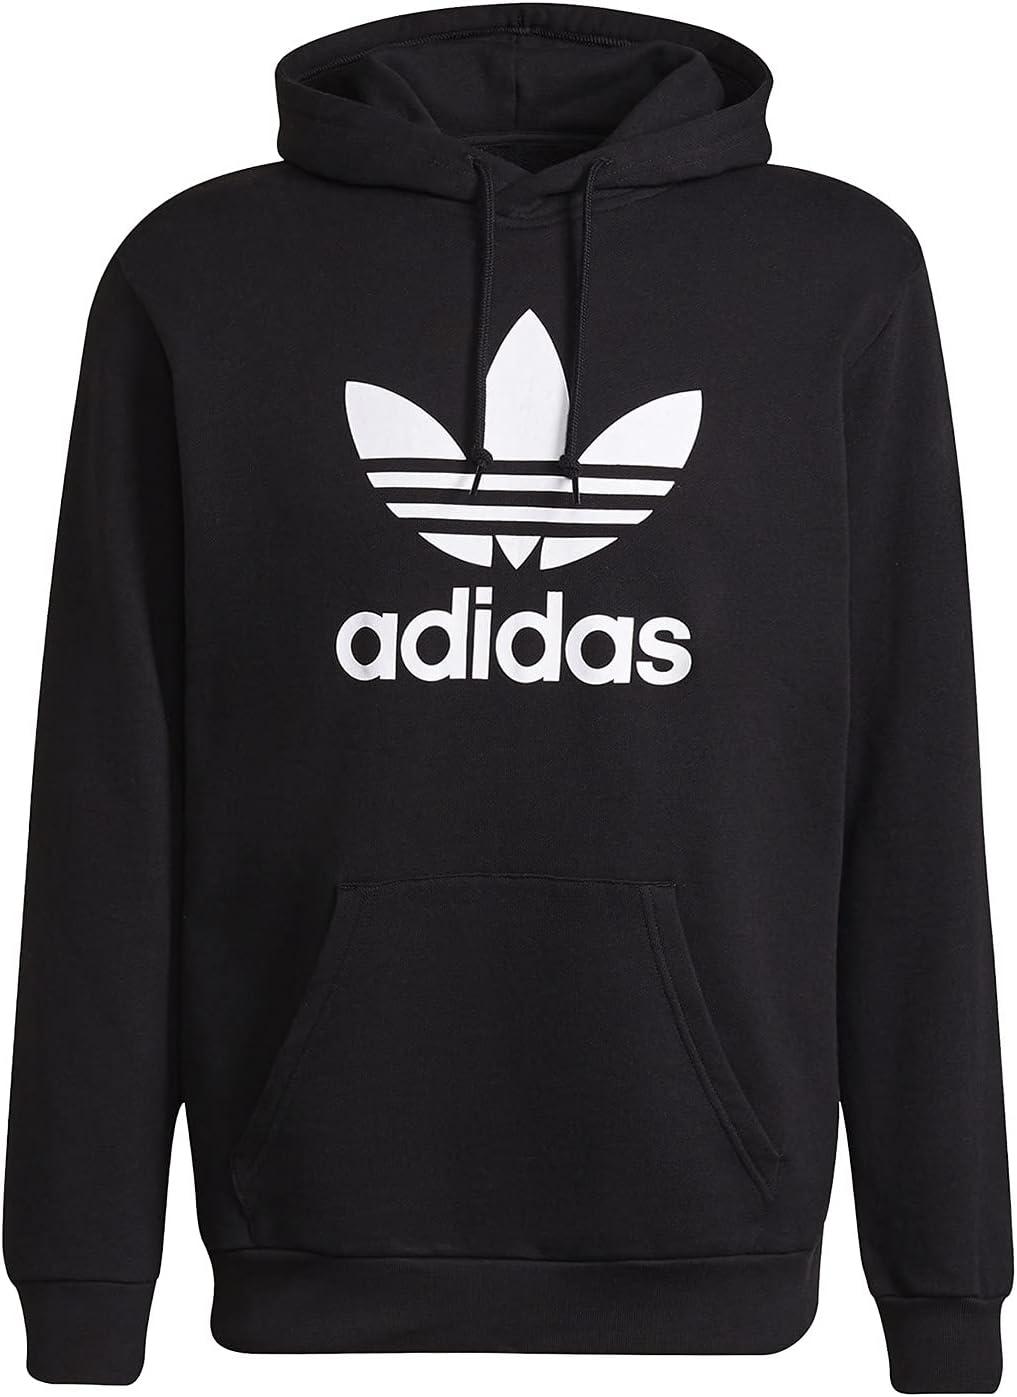 adidas Trefoil Hoody Sweatshirt, Mens, Black/White, 2XL